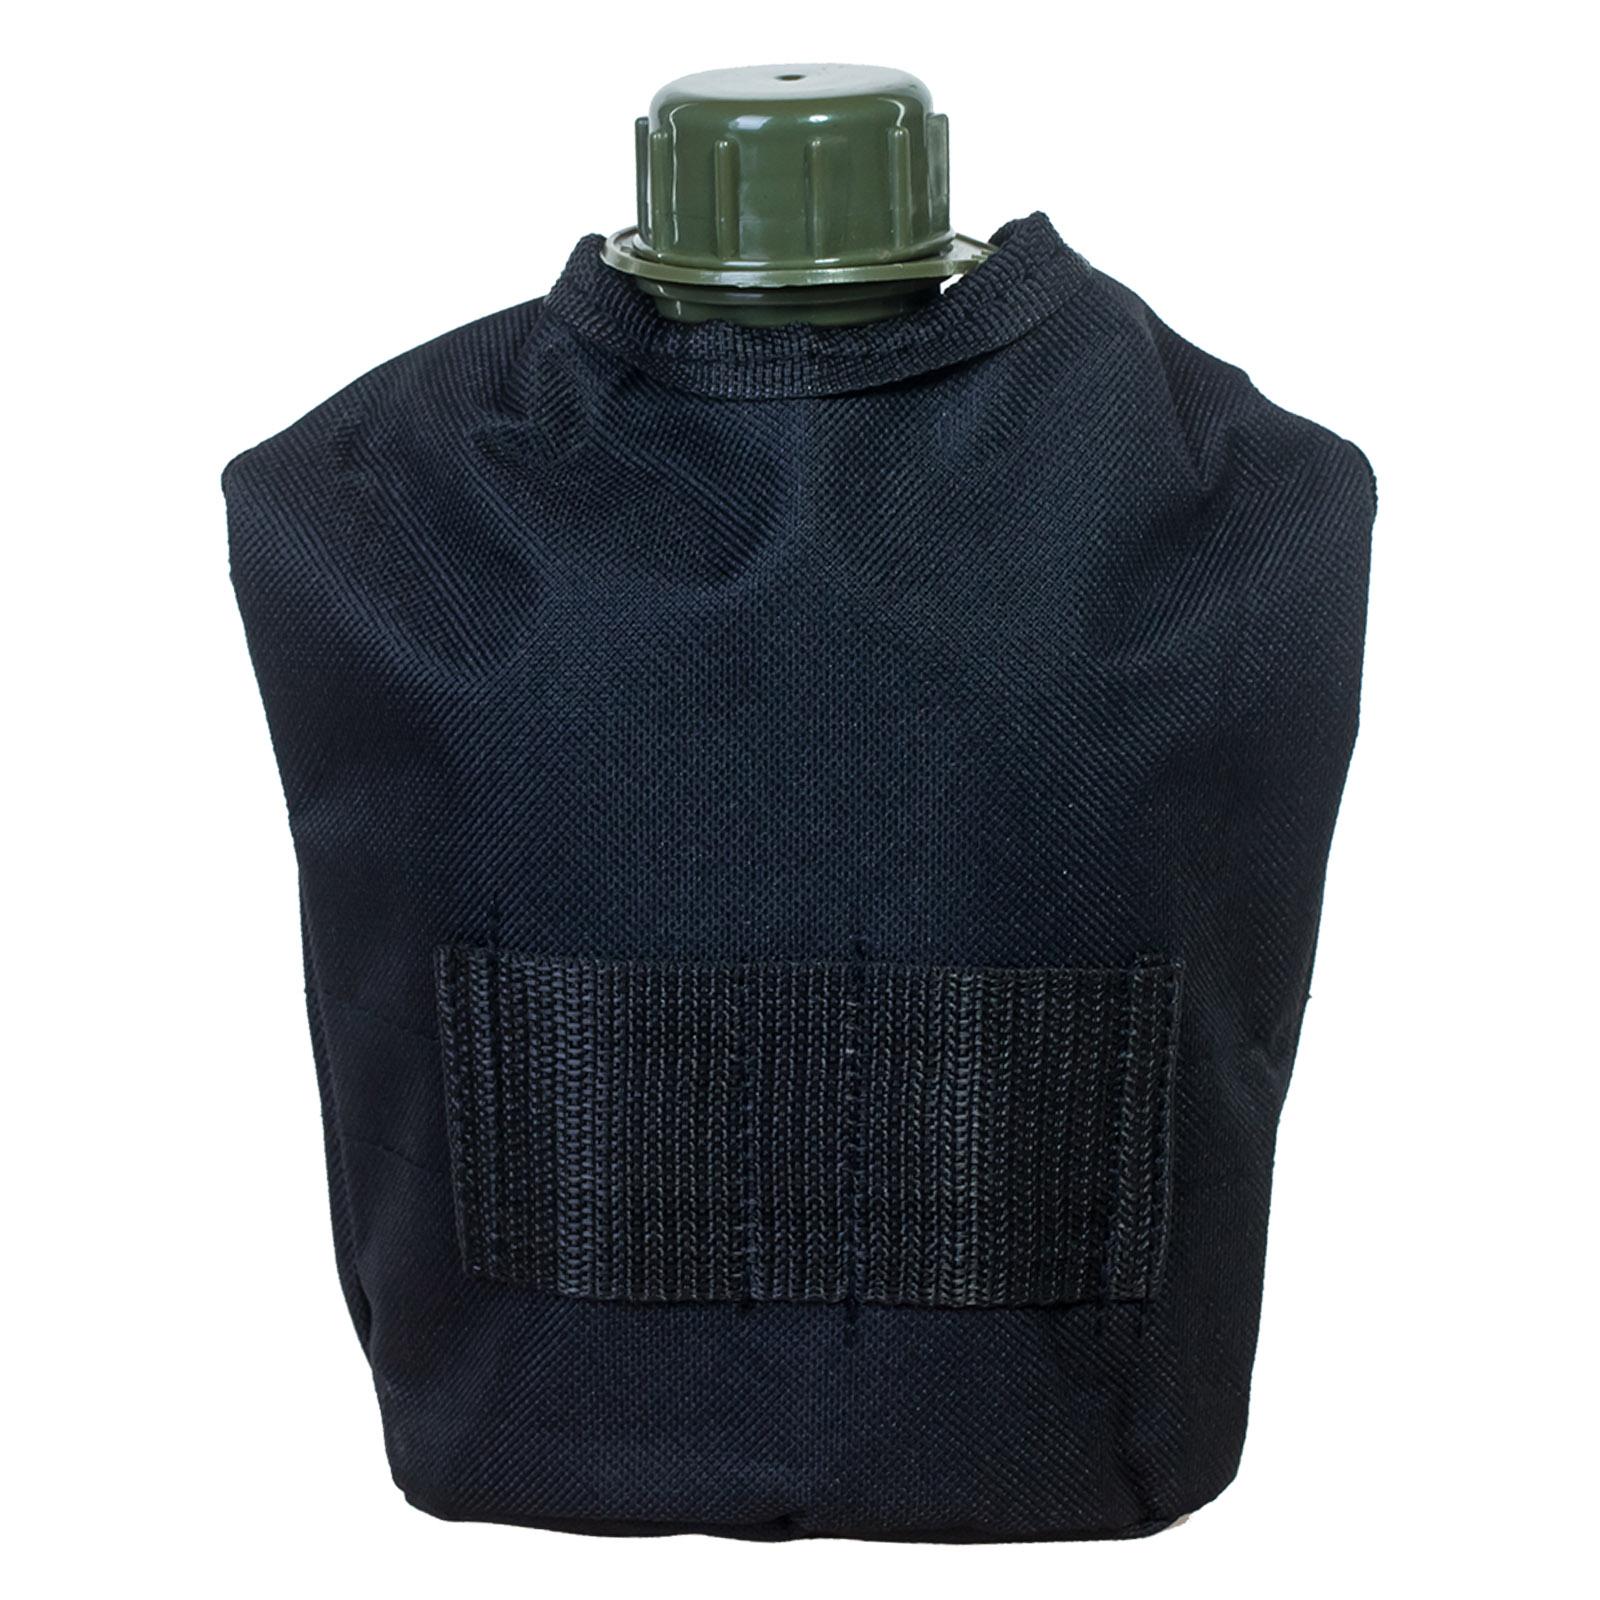 Черный утепленный чехол для тактической фляги с доставкой